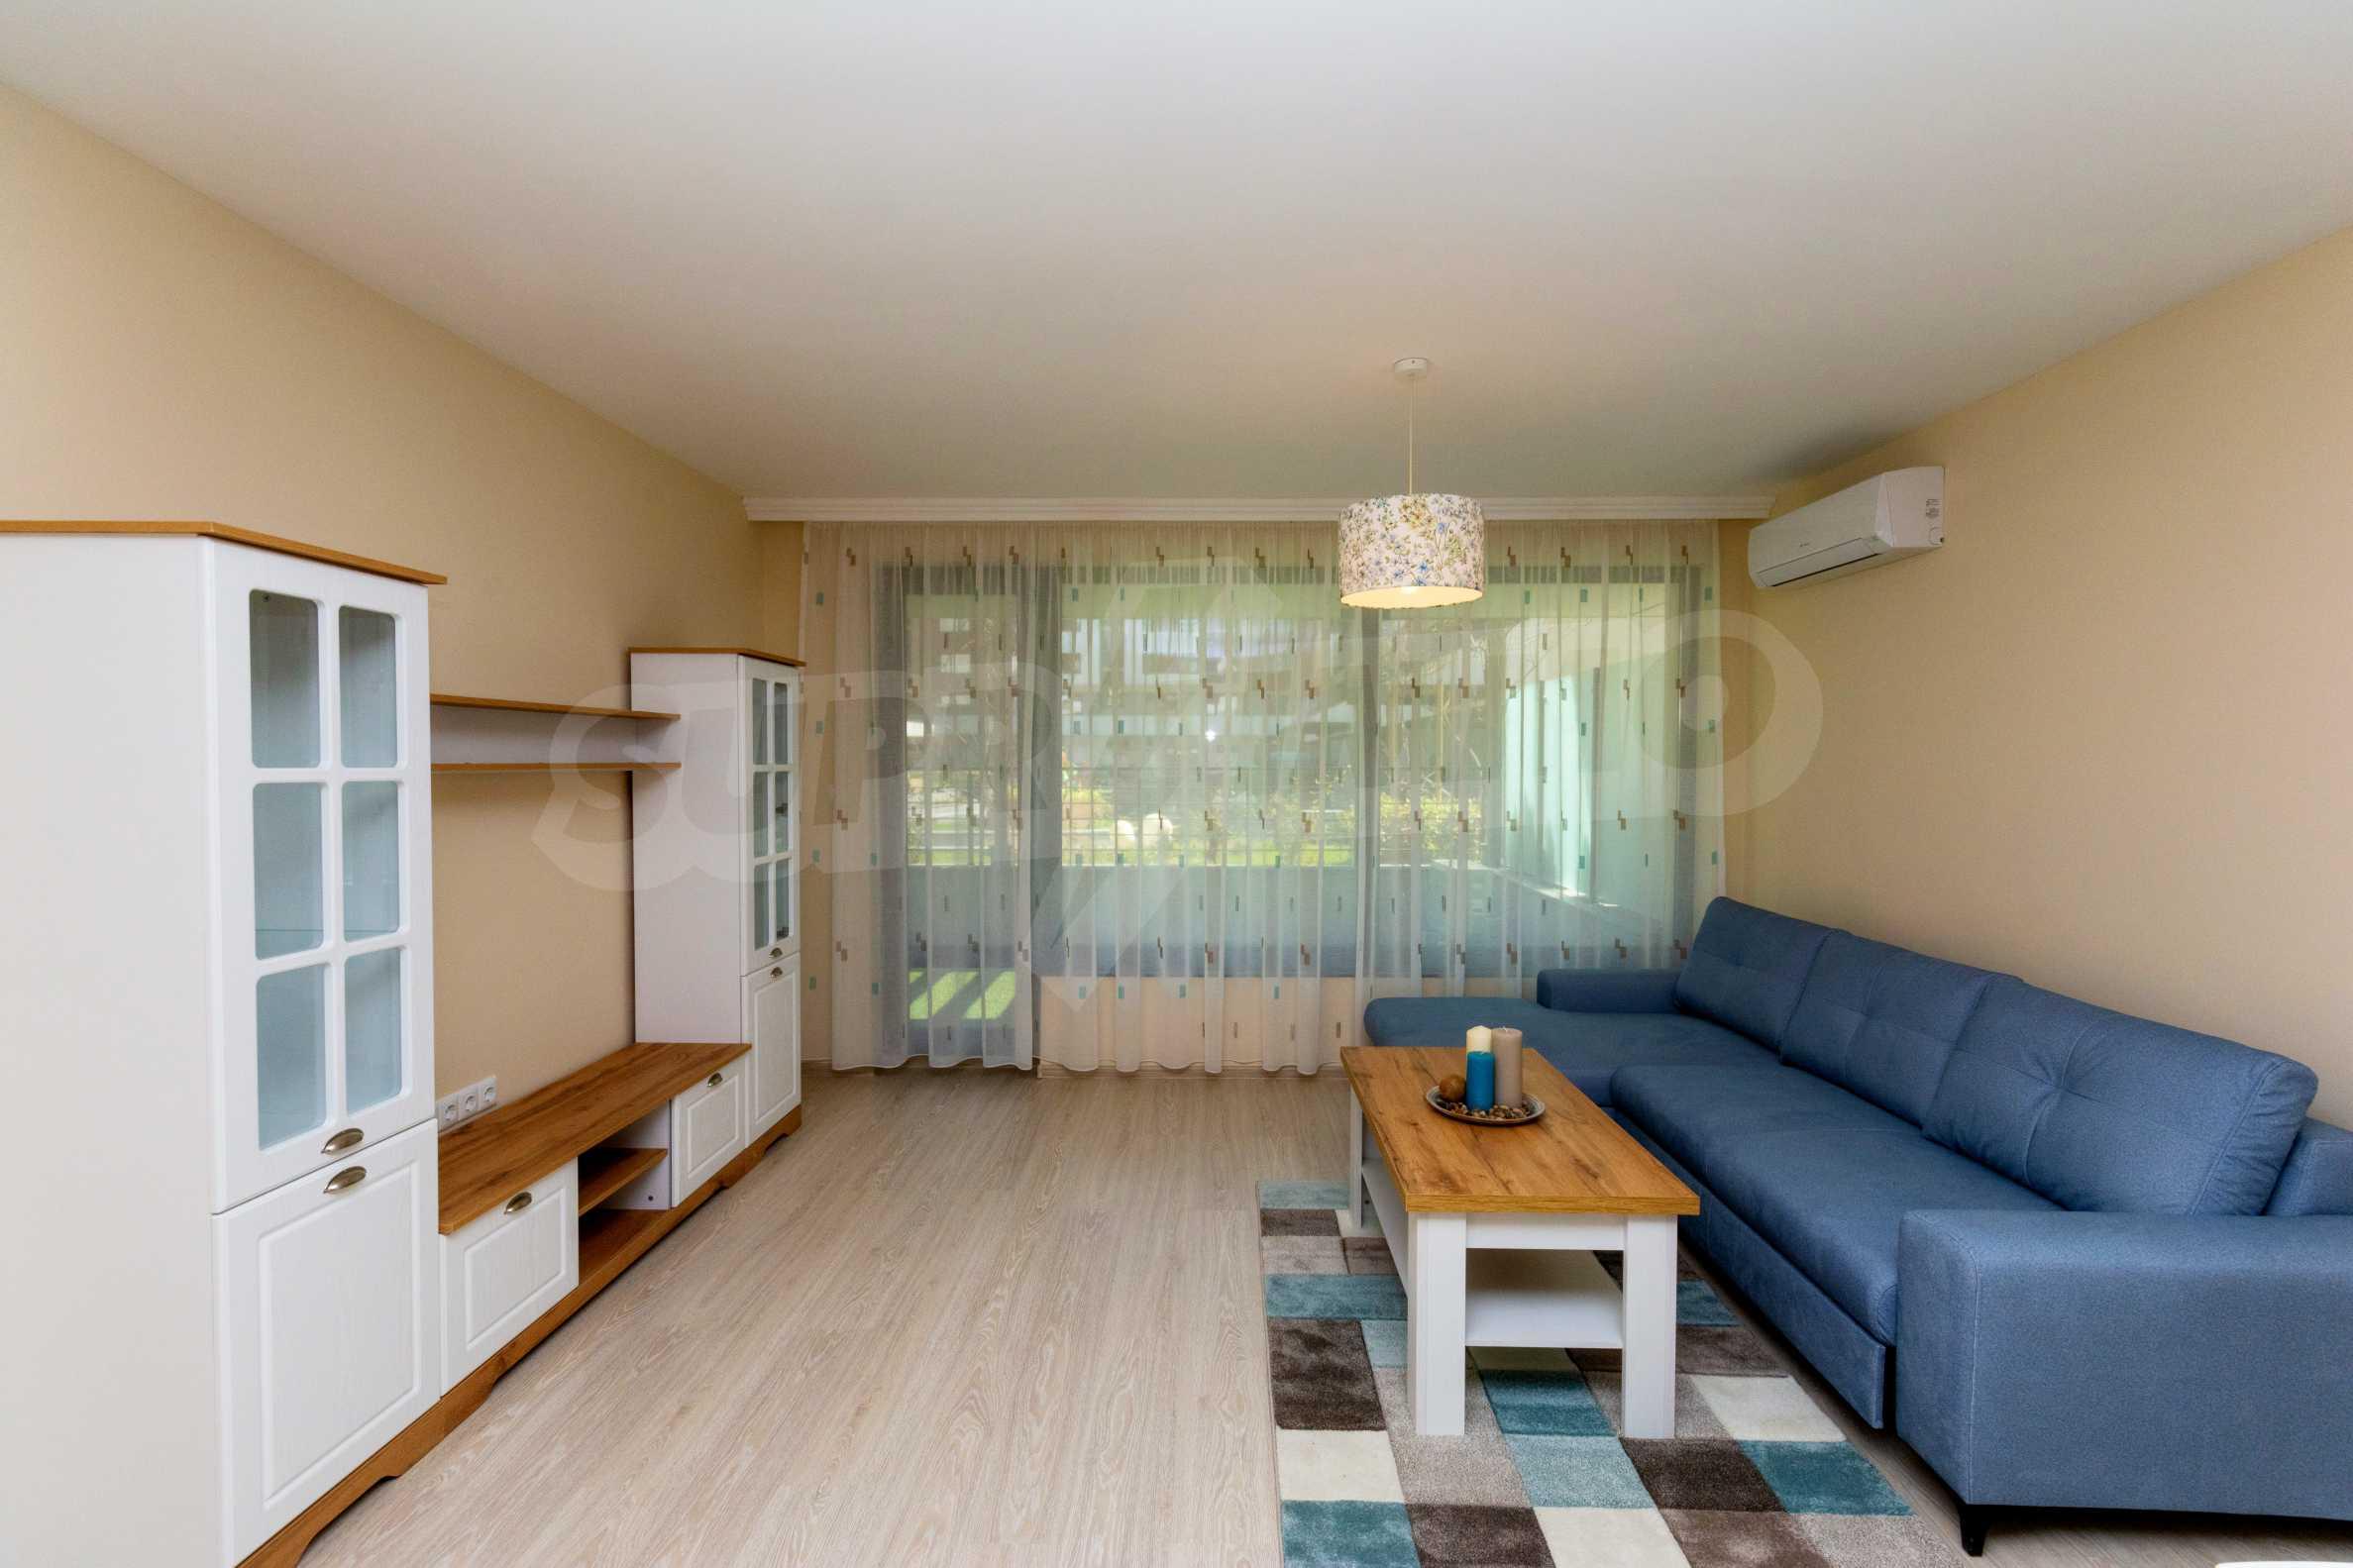 Двустаен апартамент в луксозна жилищна сграда на комуникативна локация в гр.Пловдив